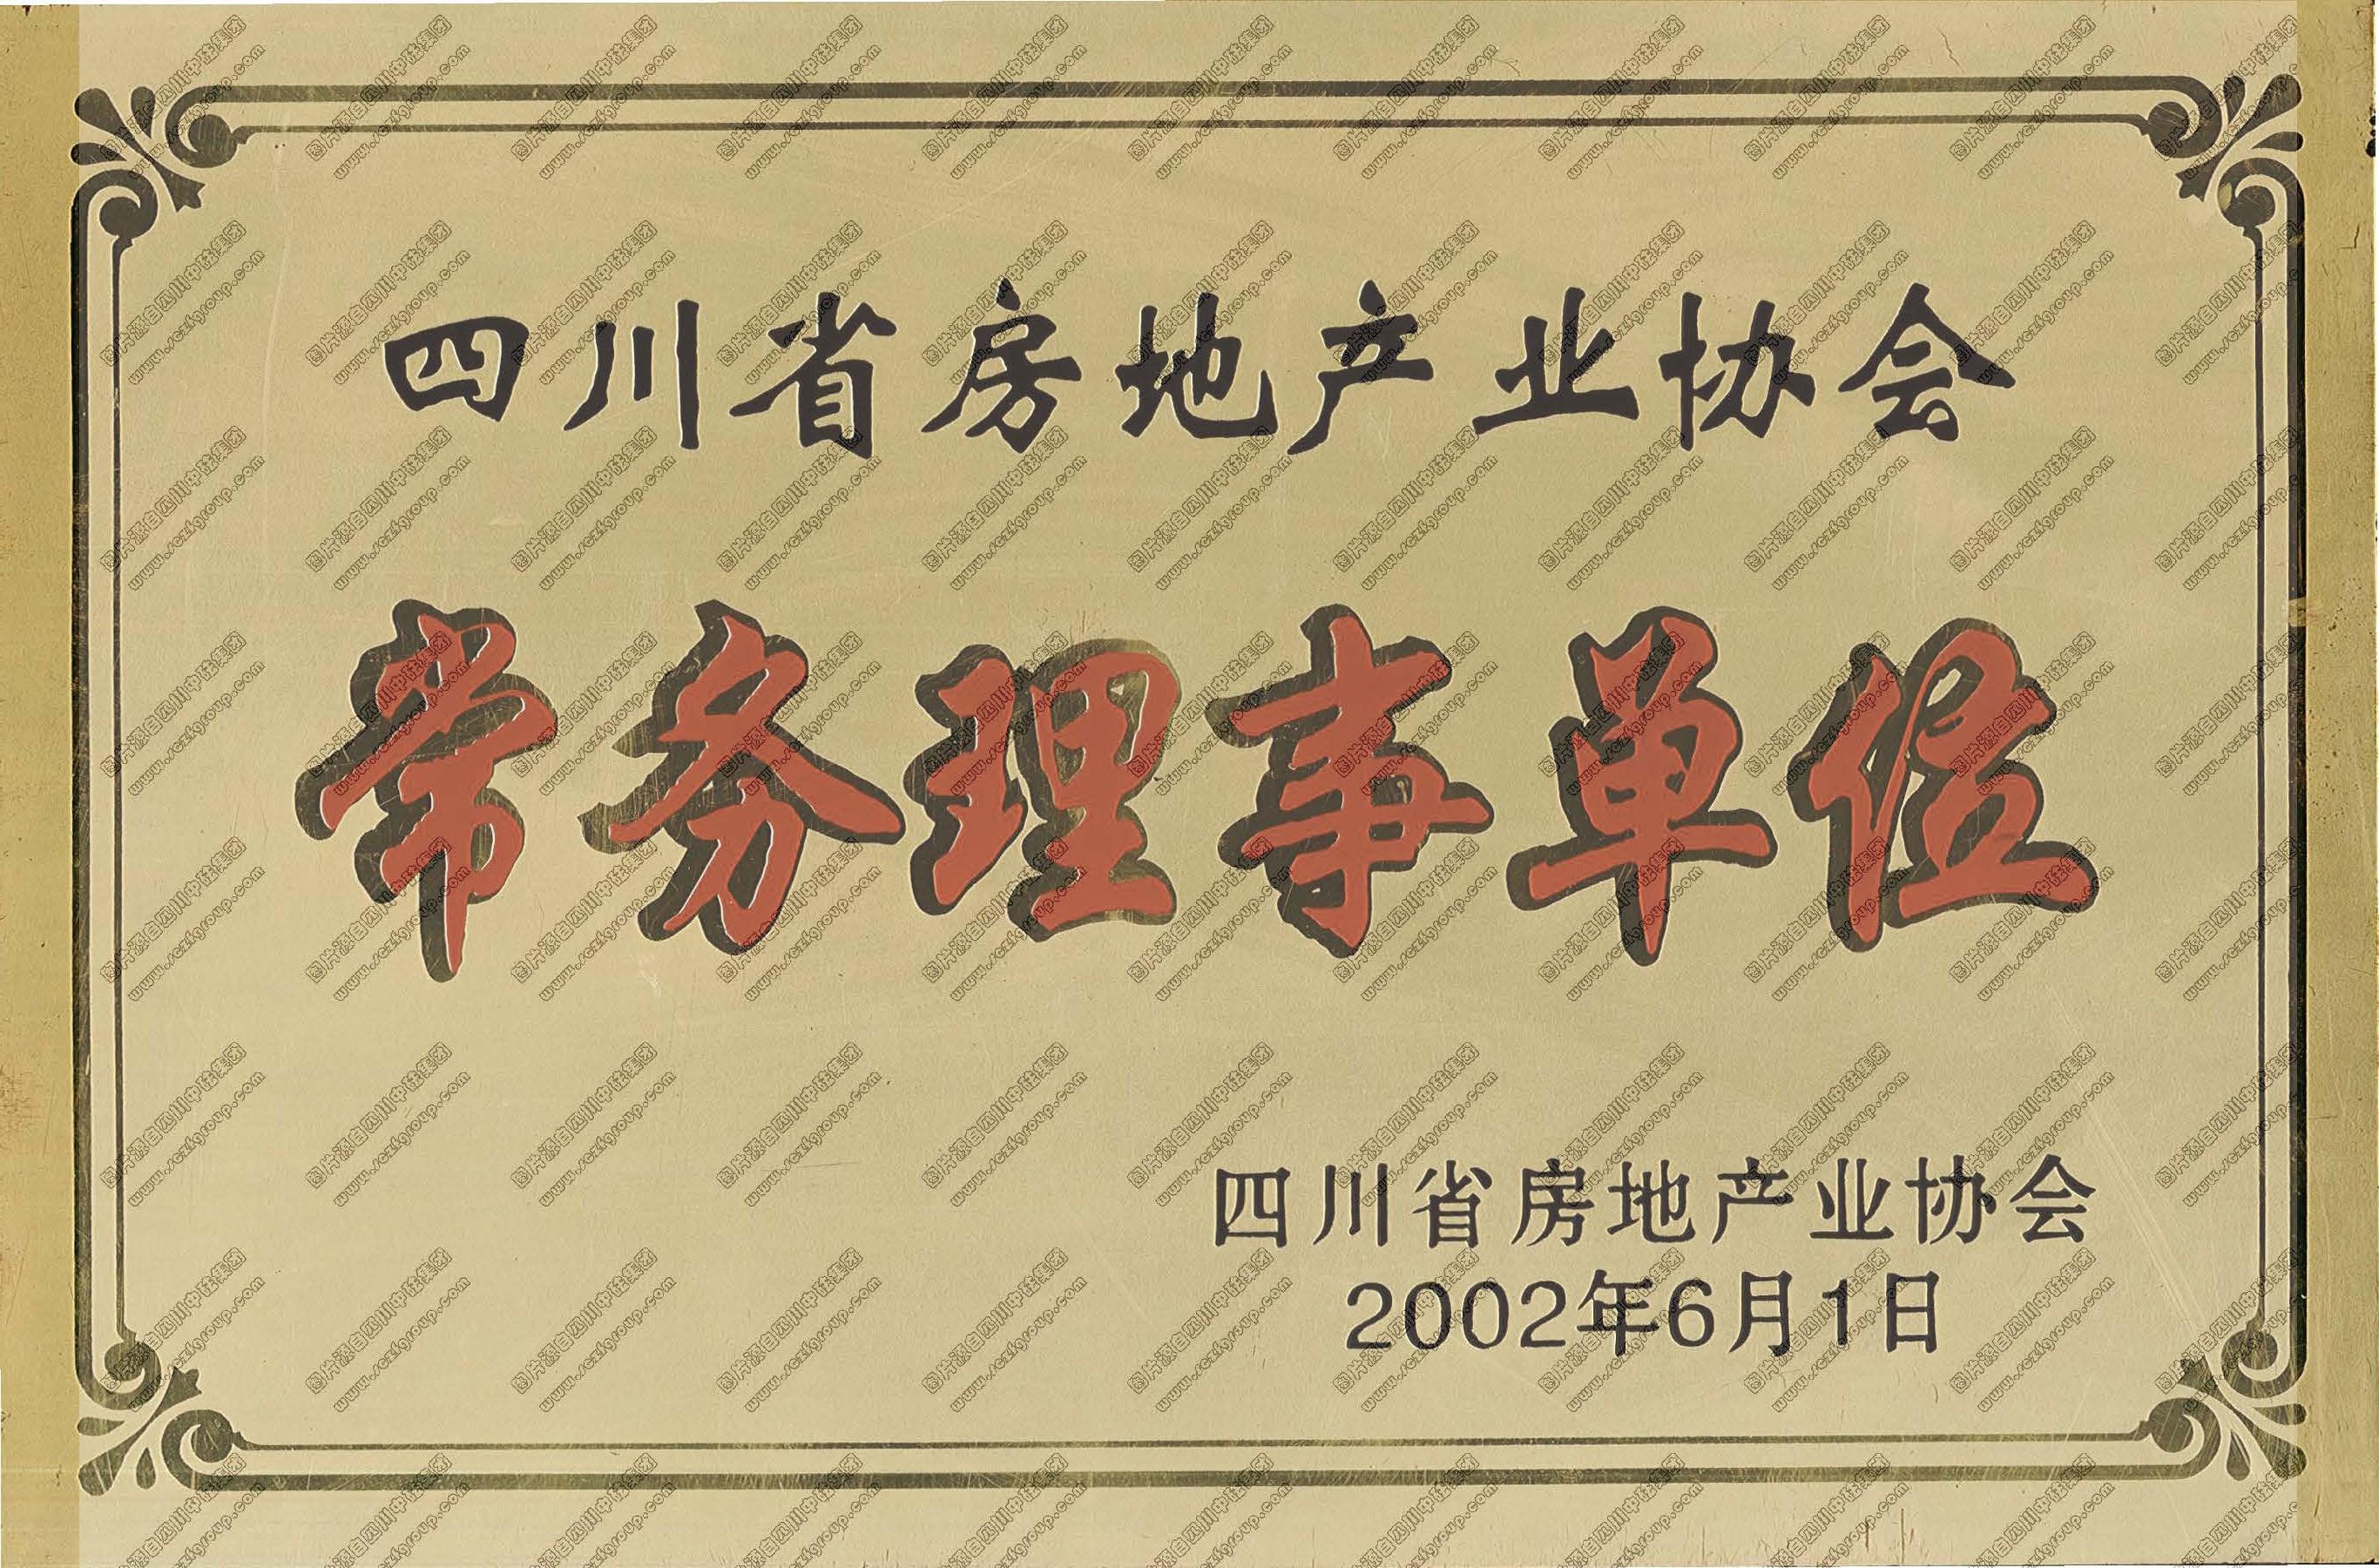 奖牌:四川省房地产协会常务理事单位